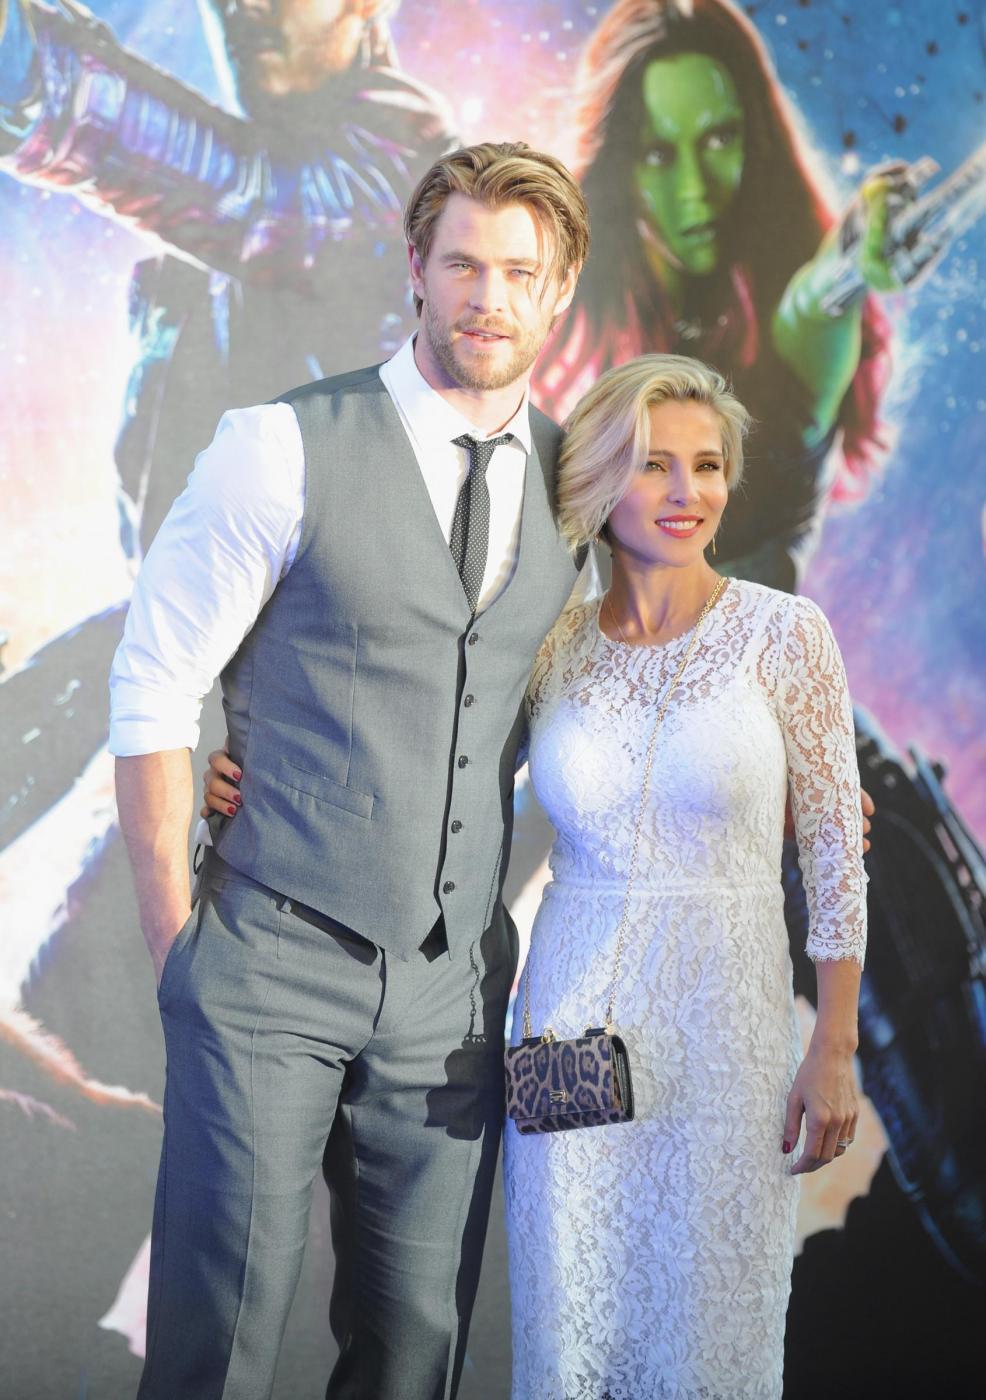 Chris Hemsworth FOTO com'era e com'è: moglie e curiosità